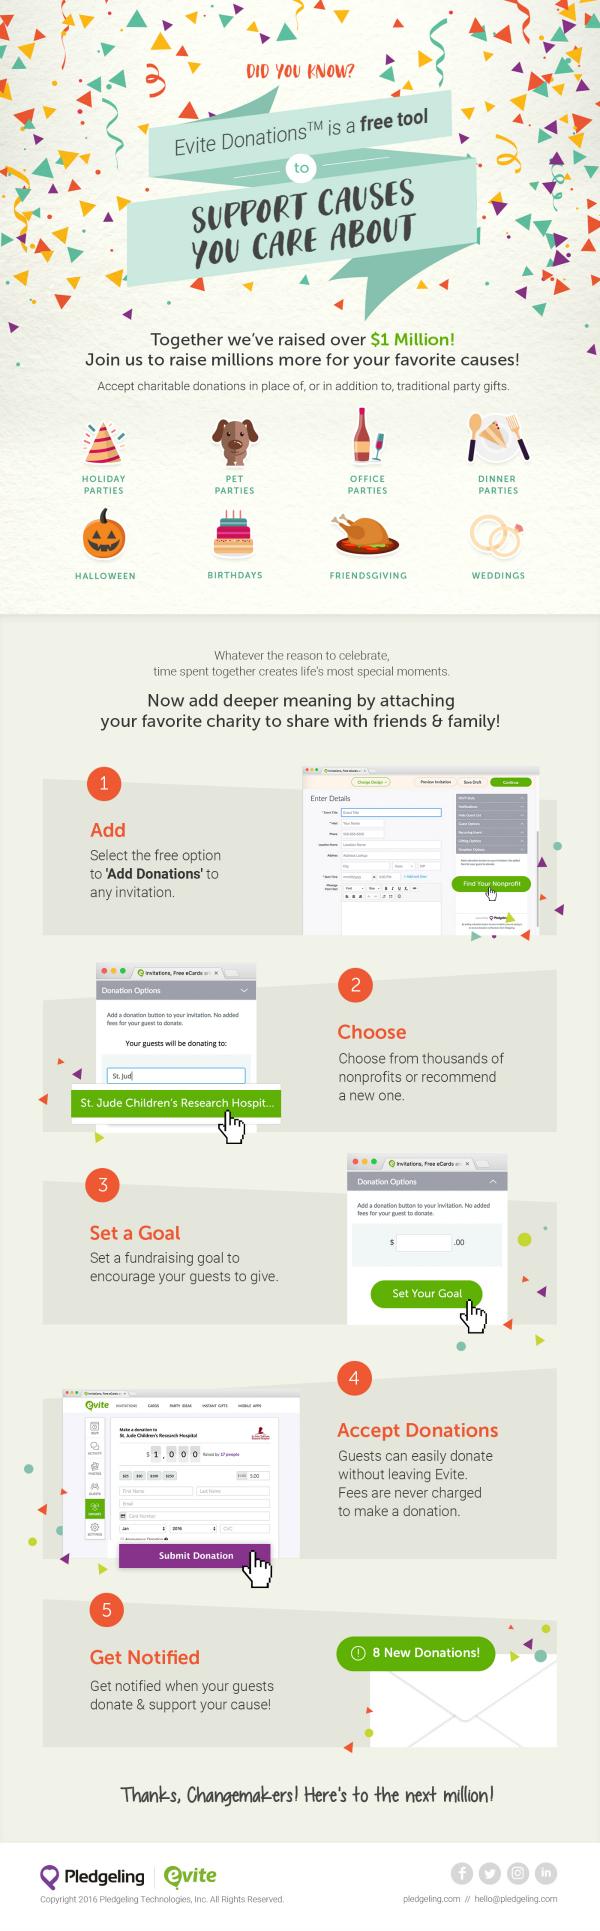 evite_infographic